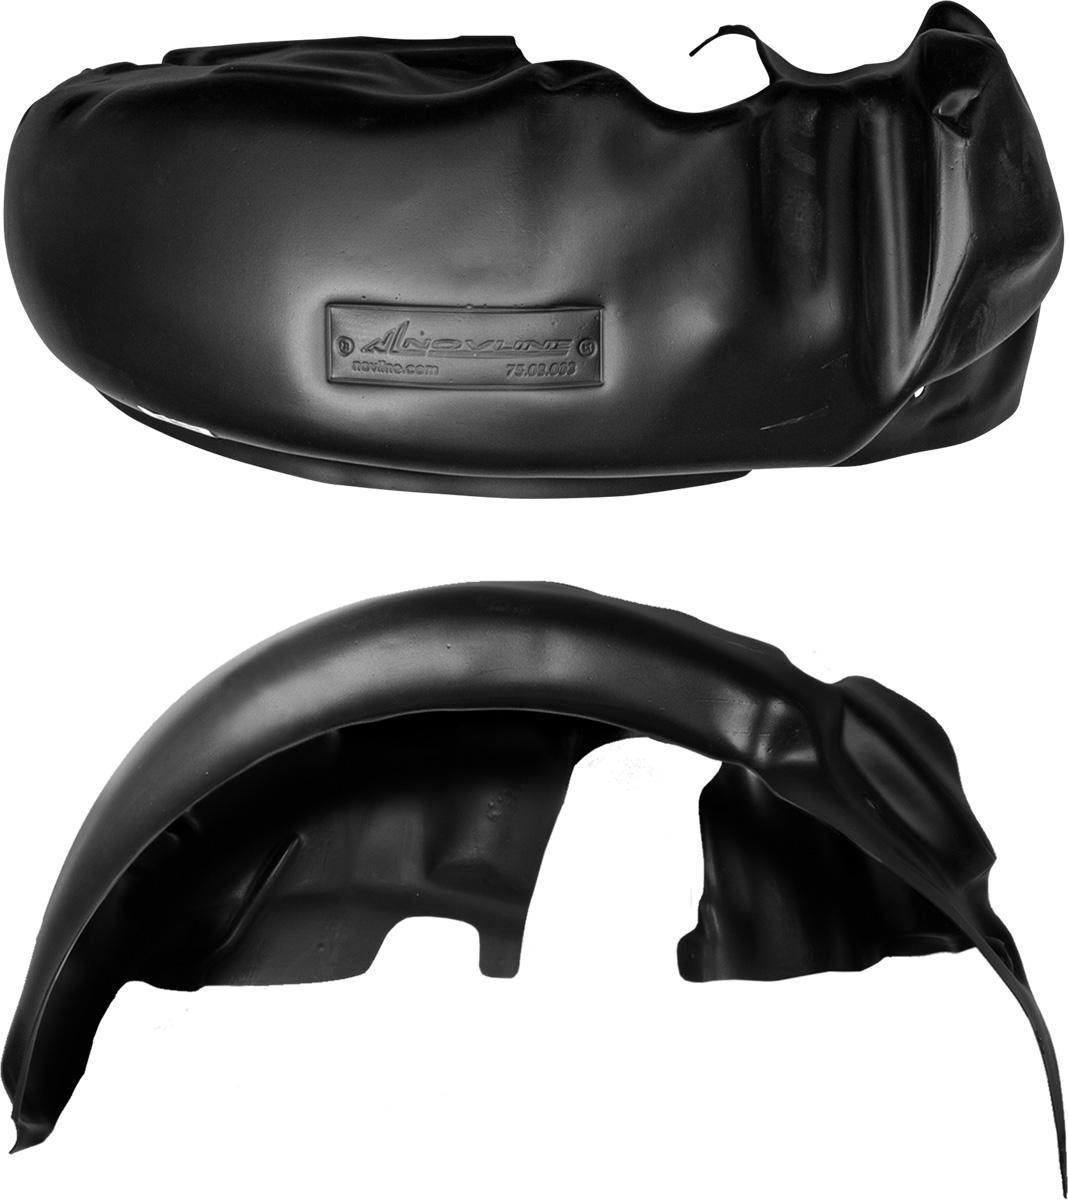 Подкрылок CHEVROLET NIVA 2009-2013, задний правыйNLL.52.17.004Колесные ниши – одни из самых уязвимых зон днища вашего автомобиля. Они постоянно подвергаются воздействию со стороны дороги. Лучшая, почти абсолютная защита для них - специально отформованные пластиковые кожухи, которые называются подкрылками, или локерами. Производятся они как для отечественных моделей автомобилей, так и для иномарок. Подкрылки выполнены из высококачественного, экологически чистого пластика. Обеспечивают надежную защиту кузова автомобиля от пескоструйного эффекта и негативного влияния, агрессивных антигололедных реагентов. Пластик обладает более низкой теплопроводностью, чем металл, поэтому в зимний период эксплуатации использование пластиковых подкрылков позволяет лучше защитить колесные ниши от налипания снега и образования наледи. Оригинальность конструкции подчеркивает элегантность автомобиля, бережно защищает нанесенное на днище кузова антикоррозийное покрытие и позволяет осуществить крепление подкрылков внутри колесной арки практически без дополнительного крепежа и сверления, не нарушая при этом лакокрасочного покрытия, что предотвращает возникновение новых очагов коррозии. Технология крепления подкрылков на иномарки принципиально отличается от крепления на российские автомобили и разрабатывается индивидуально для каждой модели автомобиля. Подкрылки долговечны, обладают высокой прочностью и сохраняют заданную форму, а также все свои физико-механические характеристики в самых тяжелых климатических условиях ( от -50° С до + 50° С).